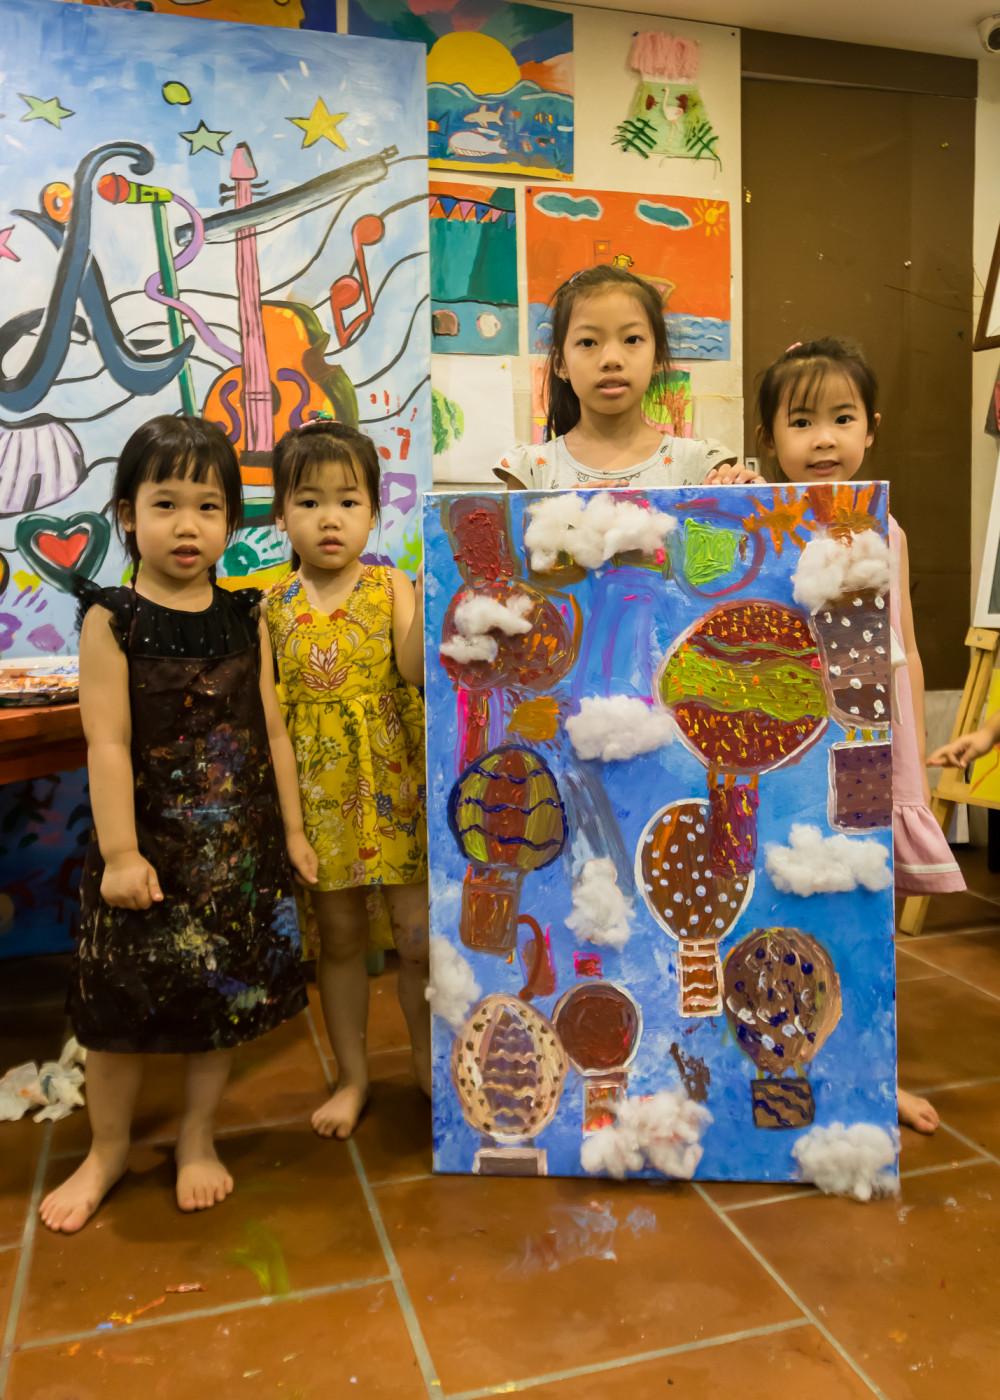 Vì dịch COVID-19, chương trình năm nay có sự tham gia của nhiều trẻ em